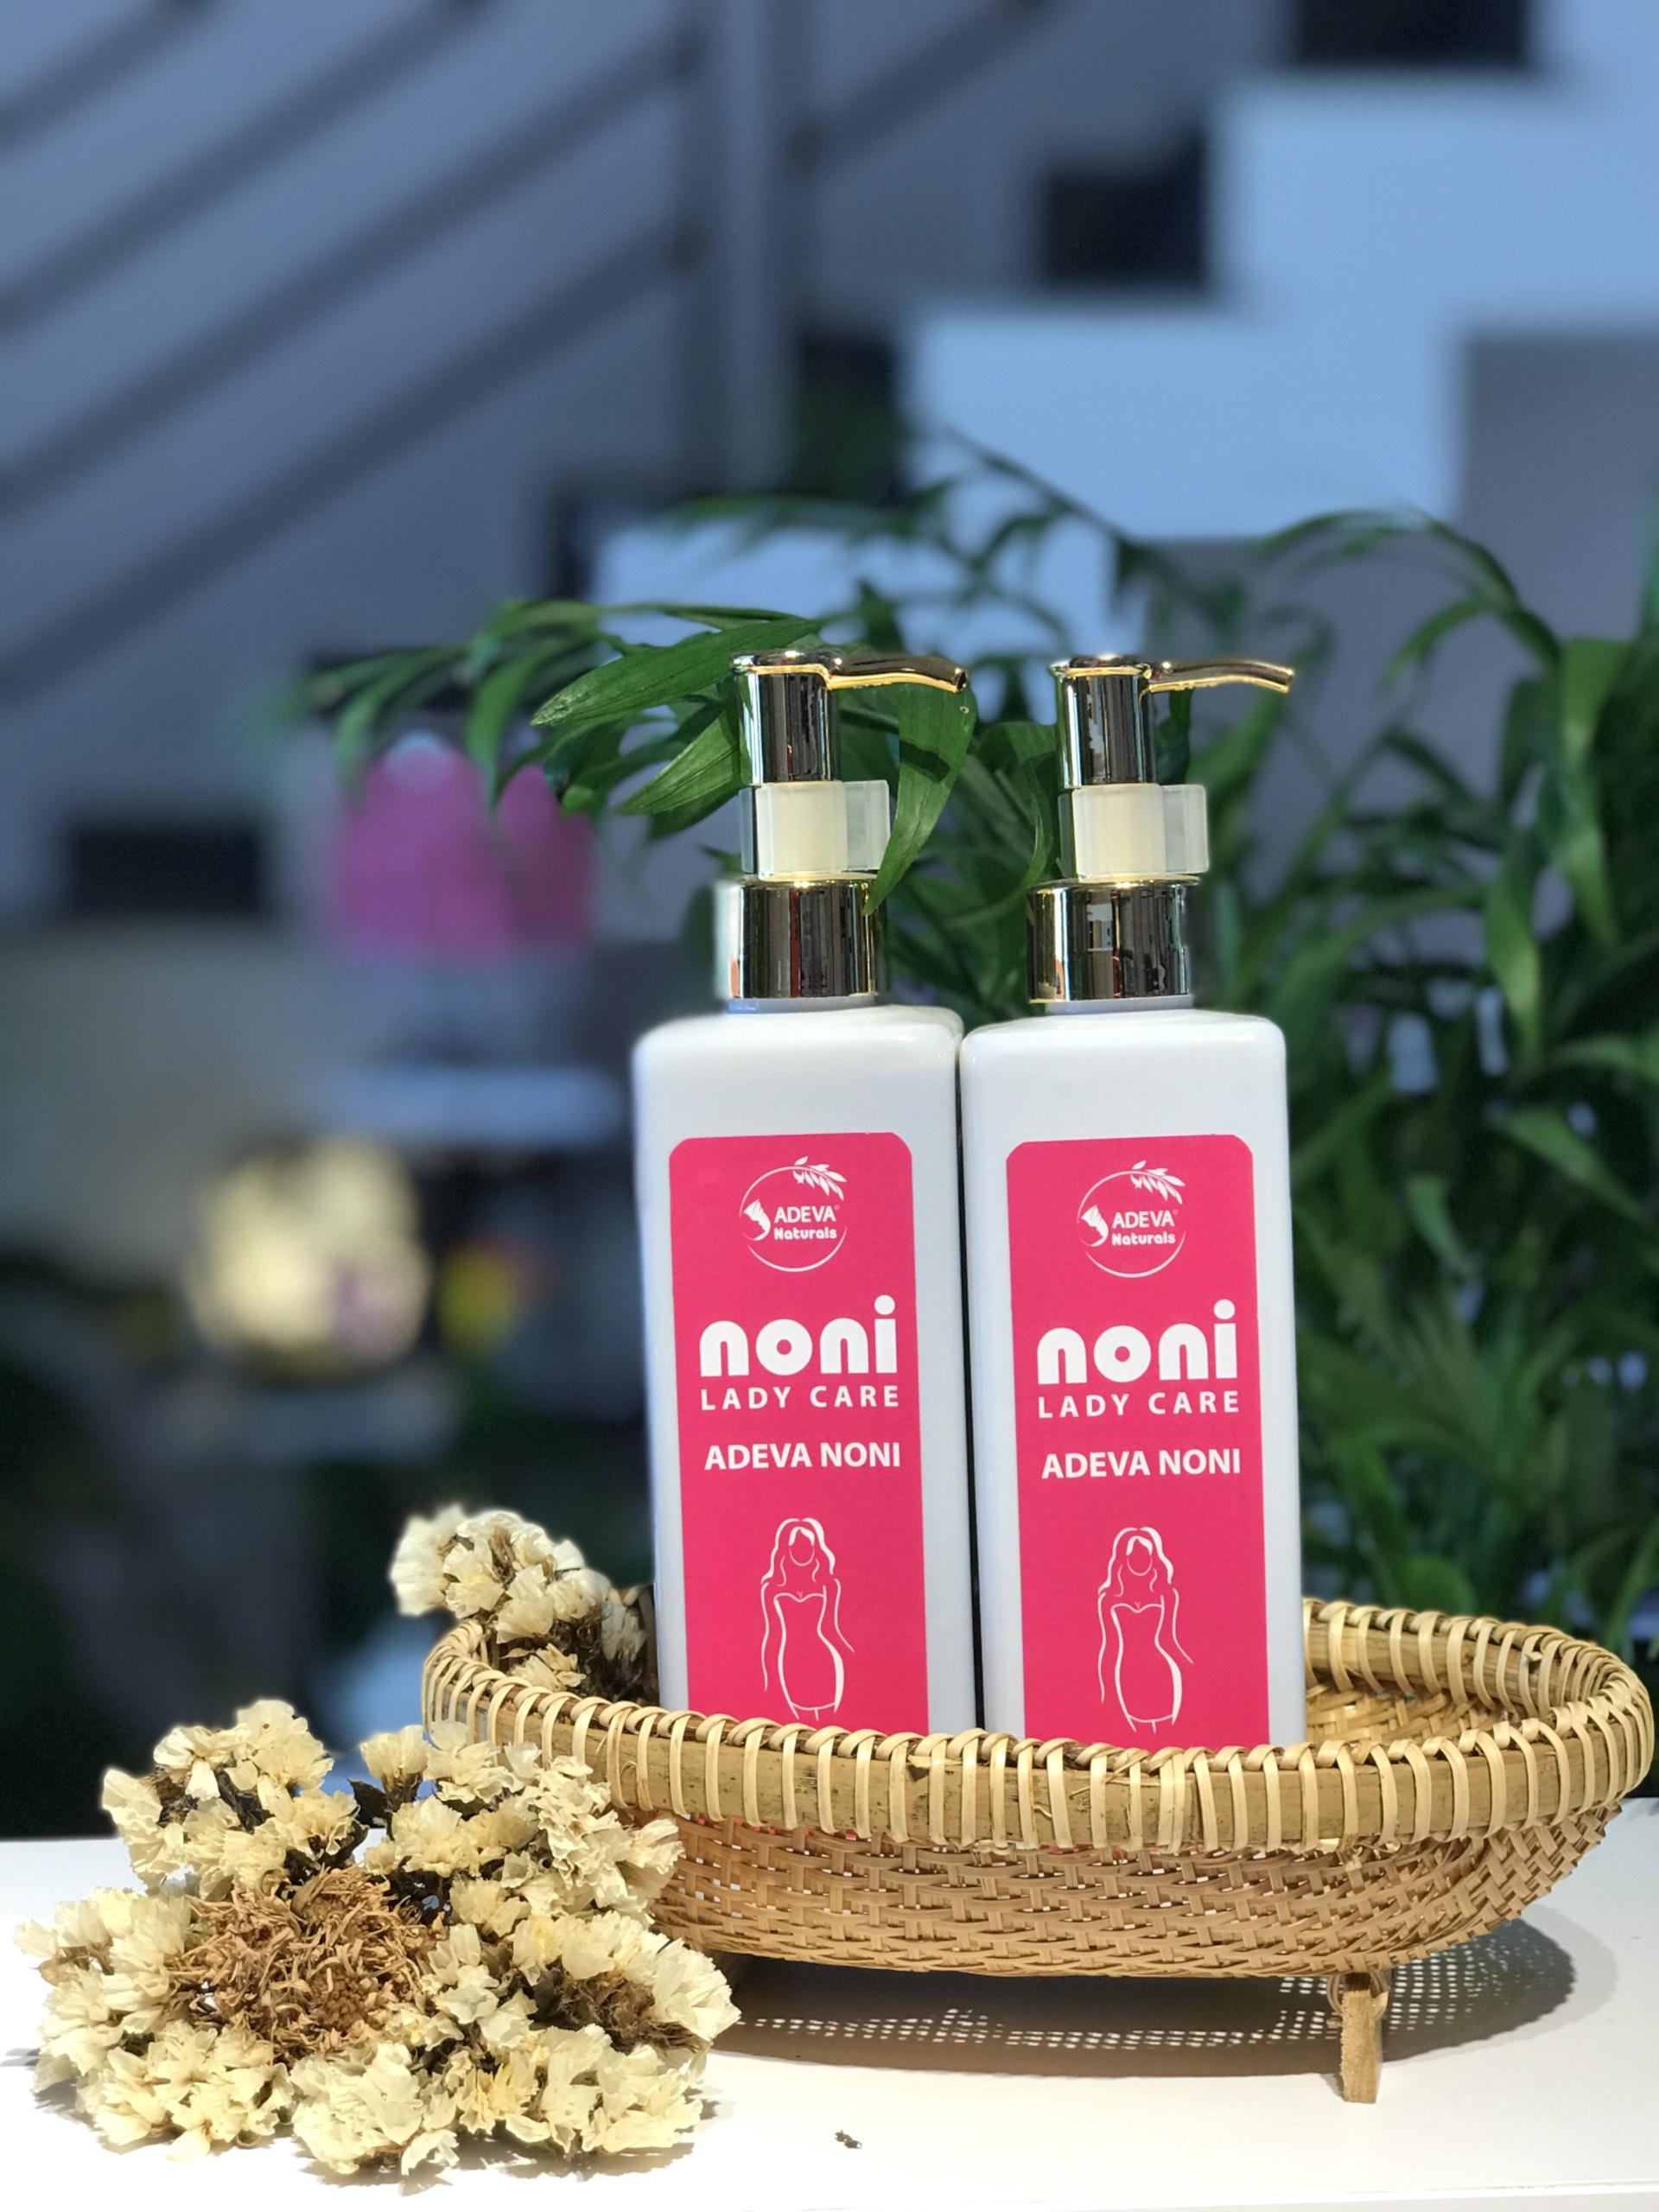 Dung dịch vệ sinh phụ nữ - Giảm viêm ngứa vùng kín từ thảo mộc thiên nhiên 250 ml